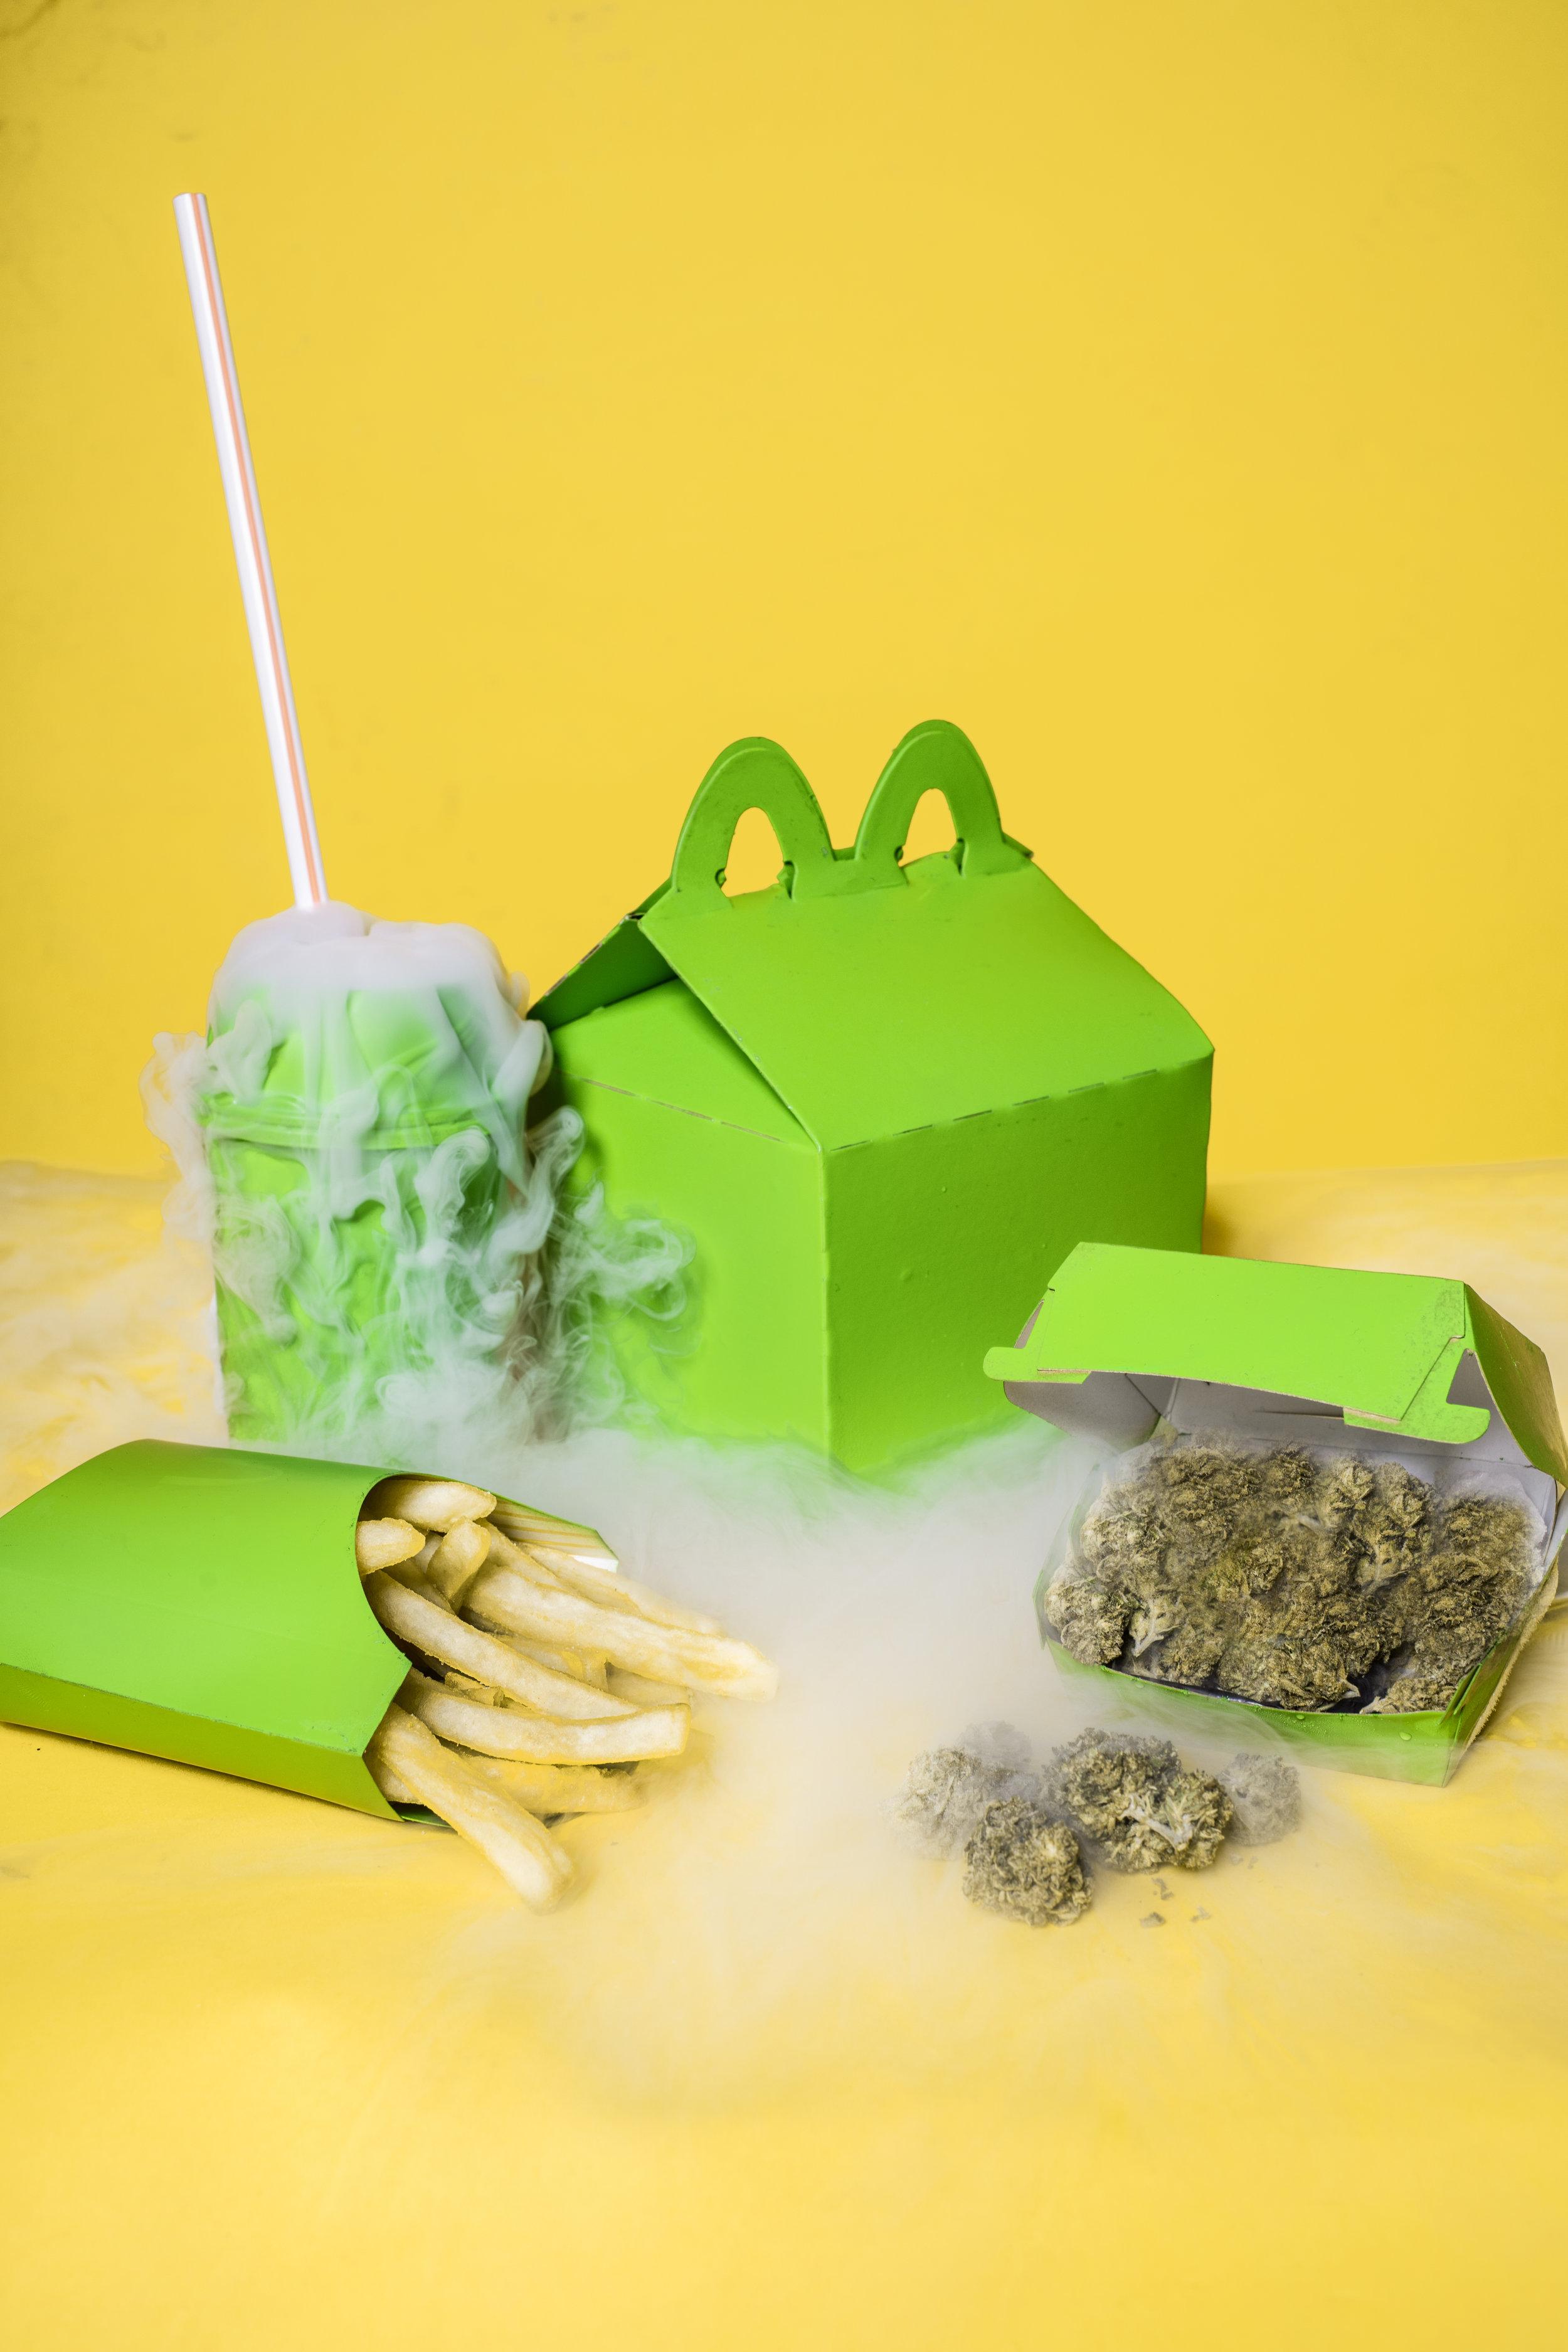 Willamette Week Cover - Cannabis Surplus